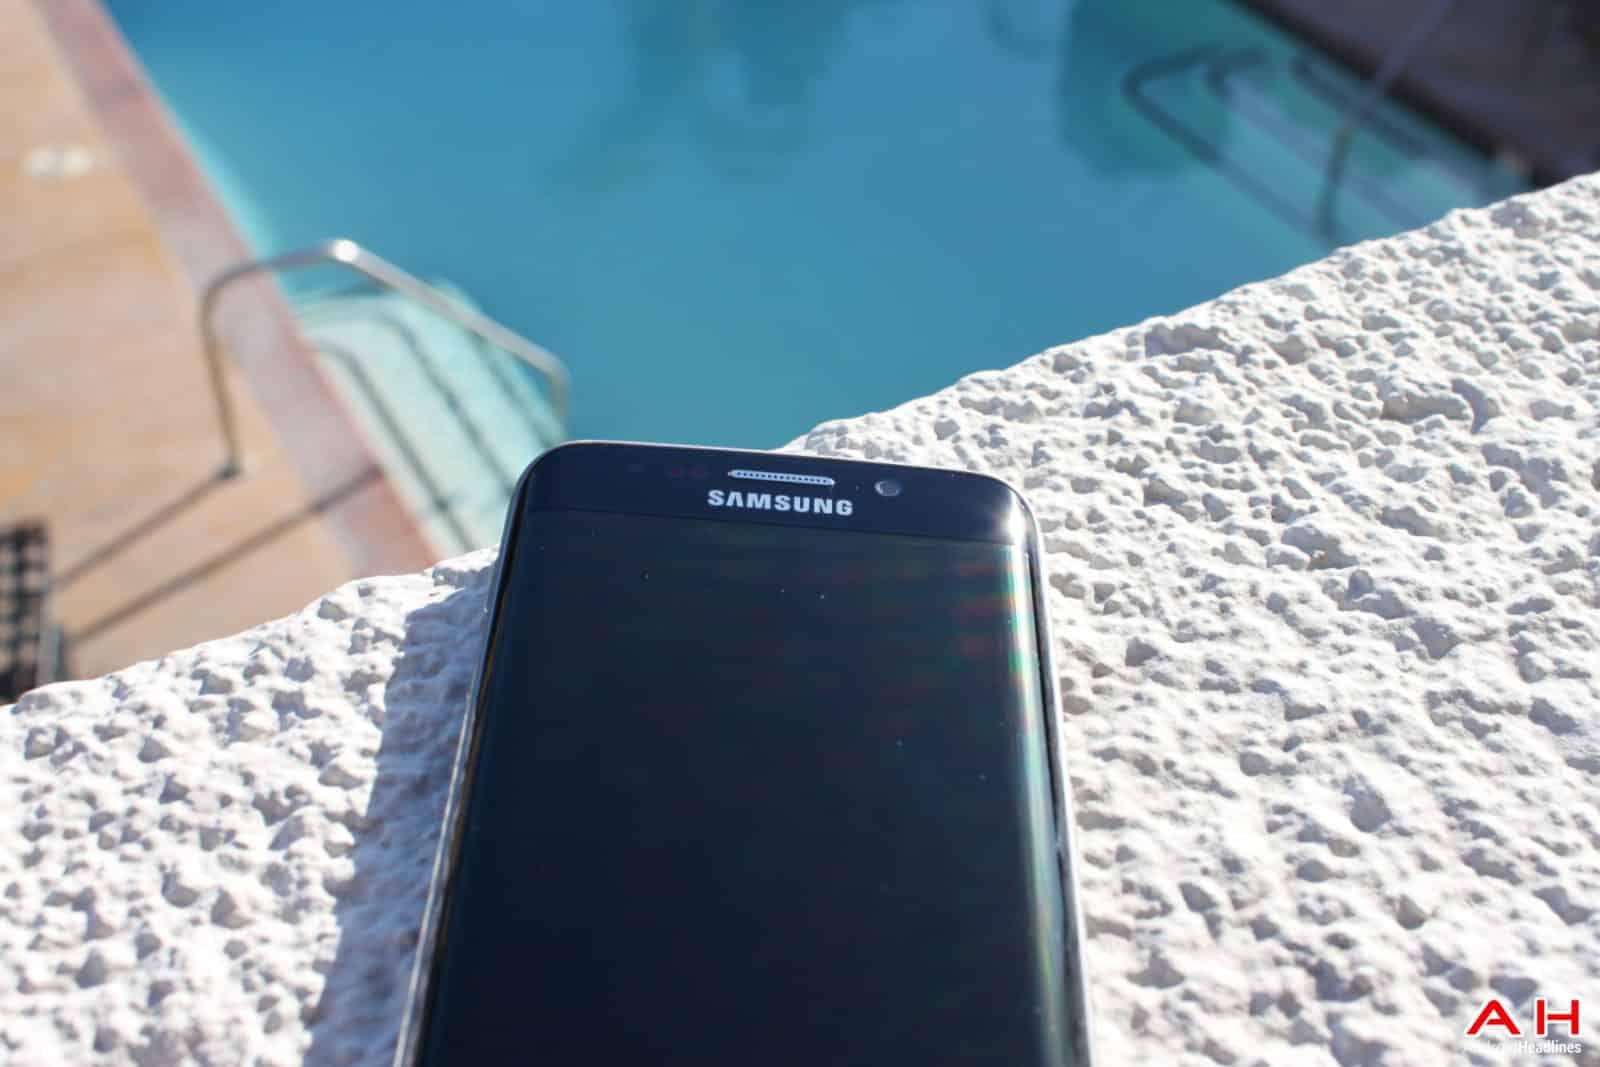 AH Samsung Galaxy S6 Edge Series 4 June 30th-10